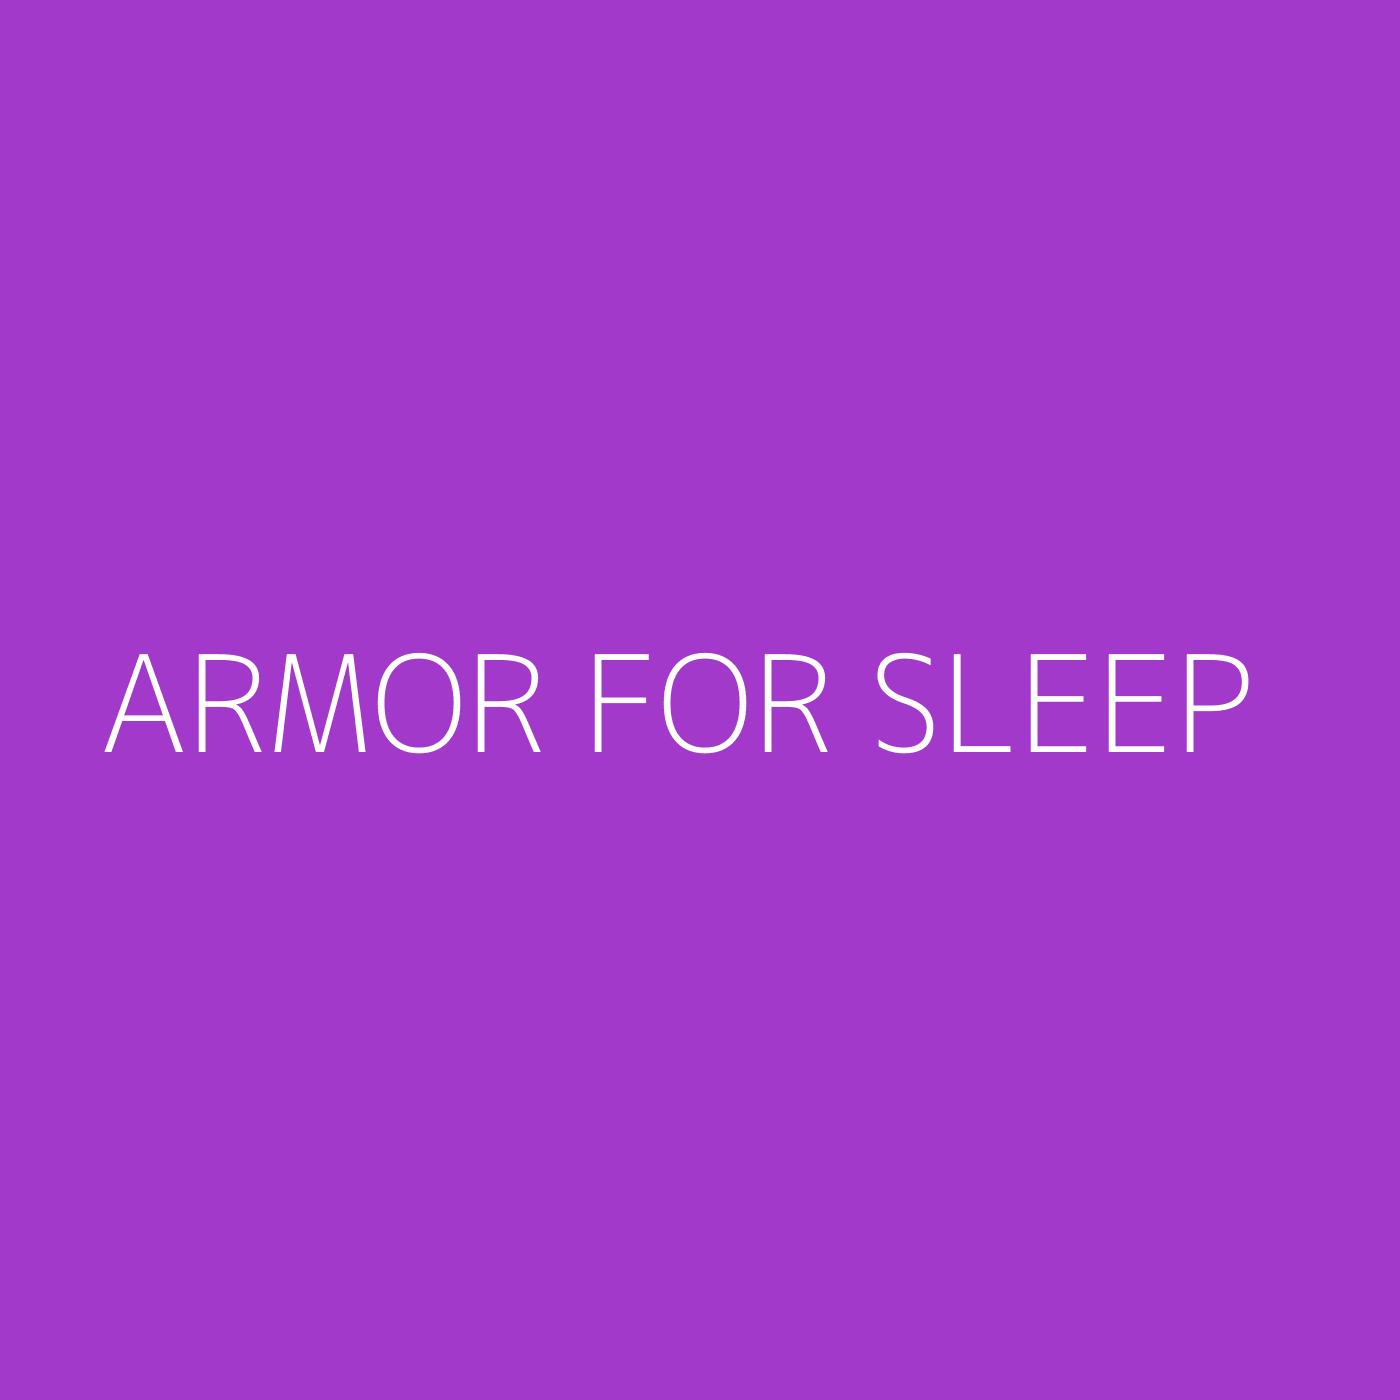 Armor For Sleep Playlist Artwork